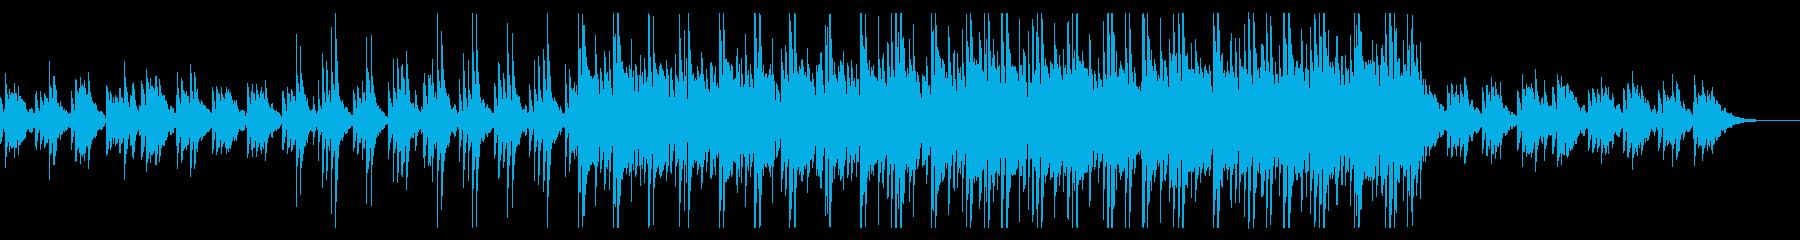 浮遊感ある瑞々しいシンセサイザーの曲の再生済みの波形